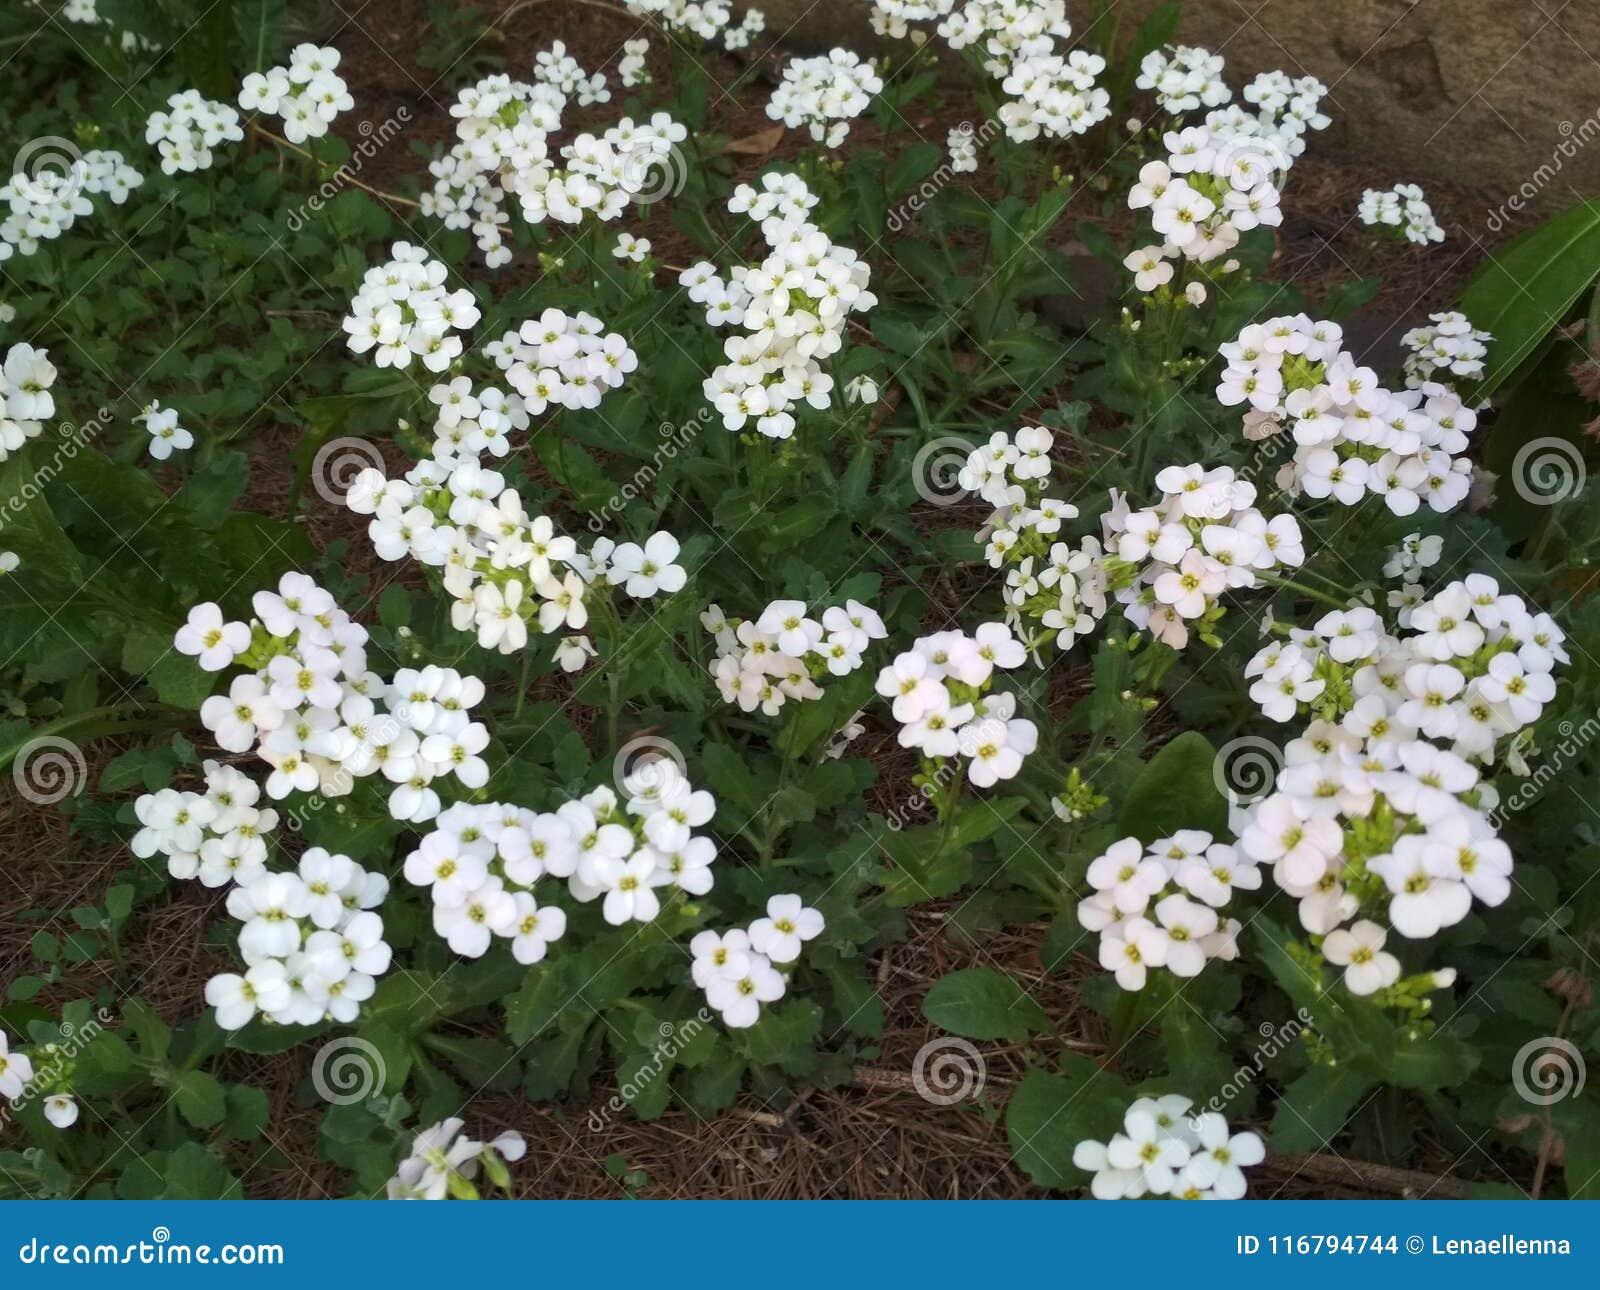 White Flowers Cerastium Biebersteinii In The Spring Garden In May